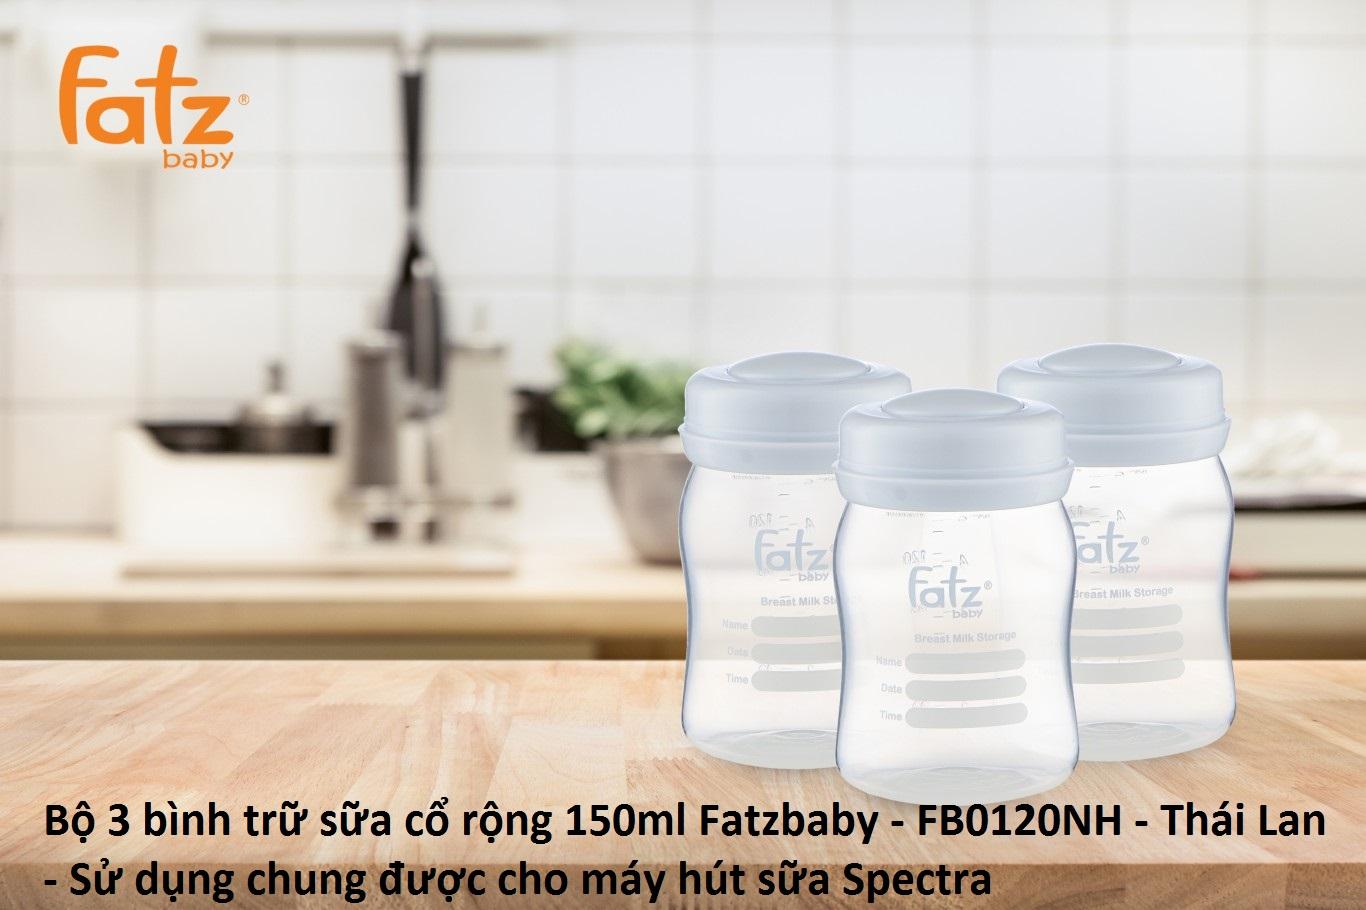 Bộ 3 bình trữ sữa cổ rộng 150ml Fatzbaby - FB0120N - Thái Lan